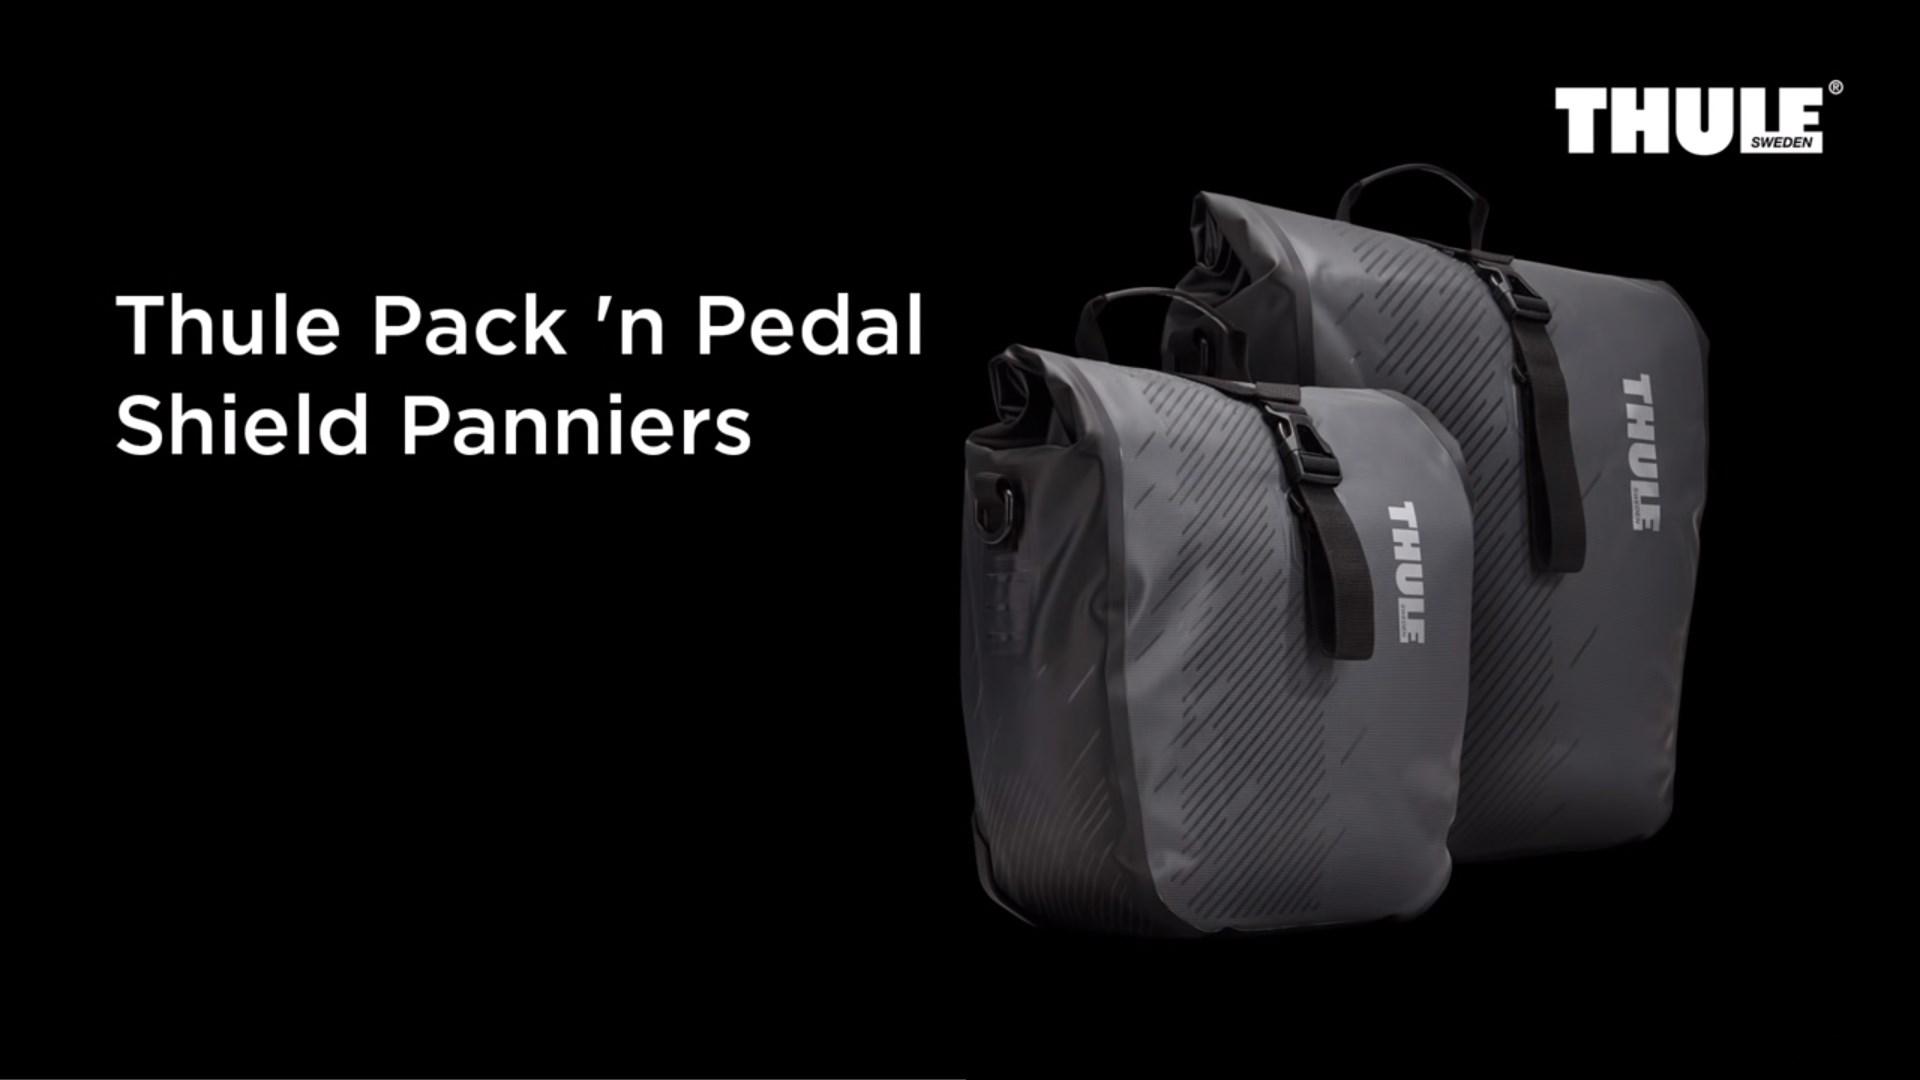 Bike Bags - Thule Pack 'n Pedal Shield Panniers